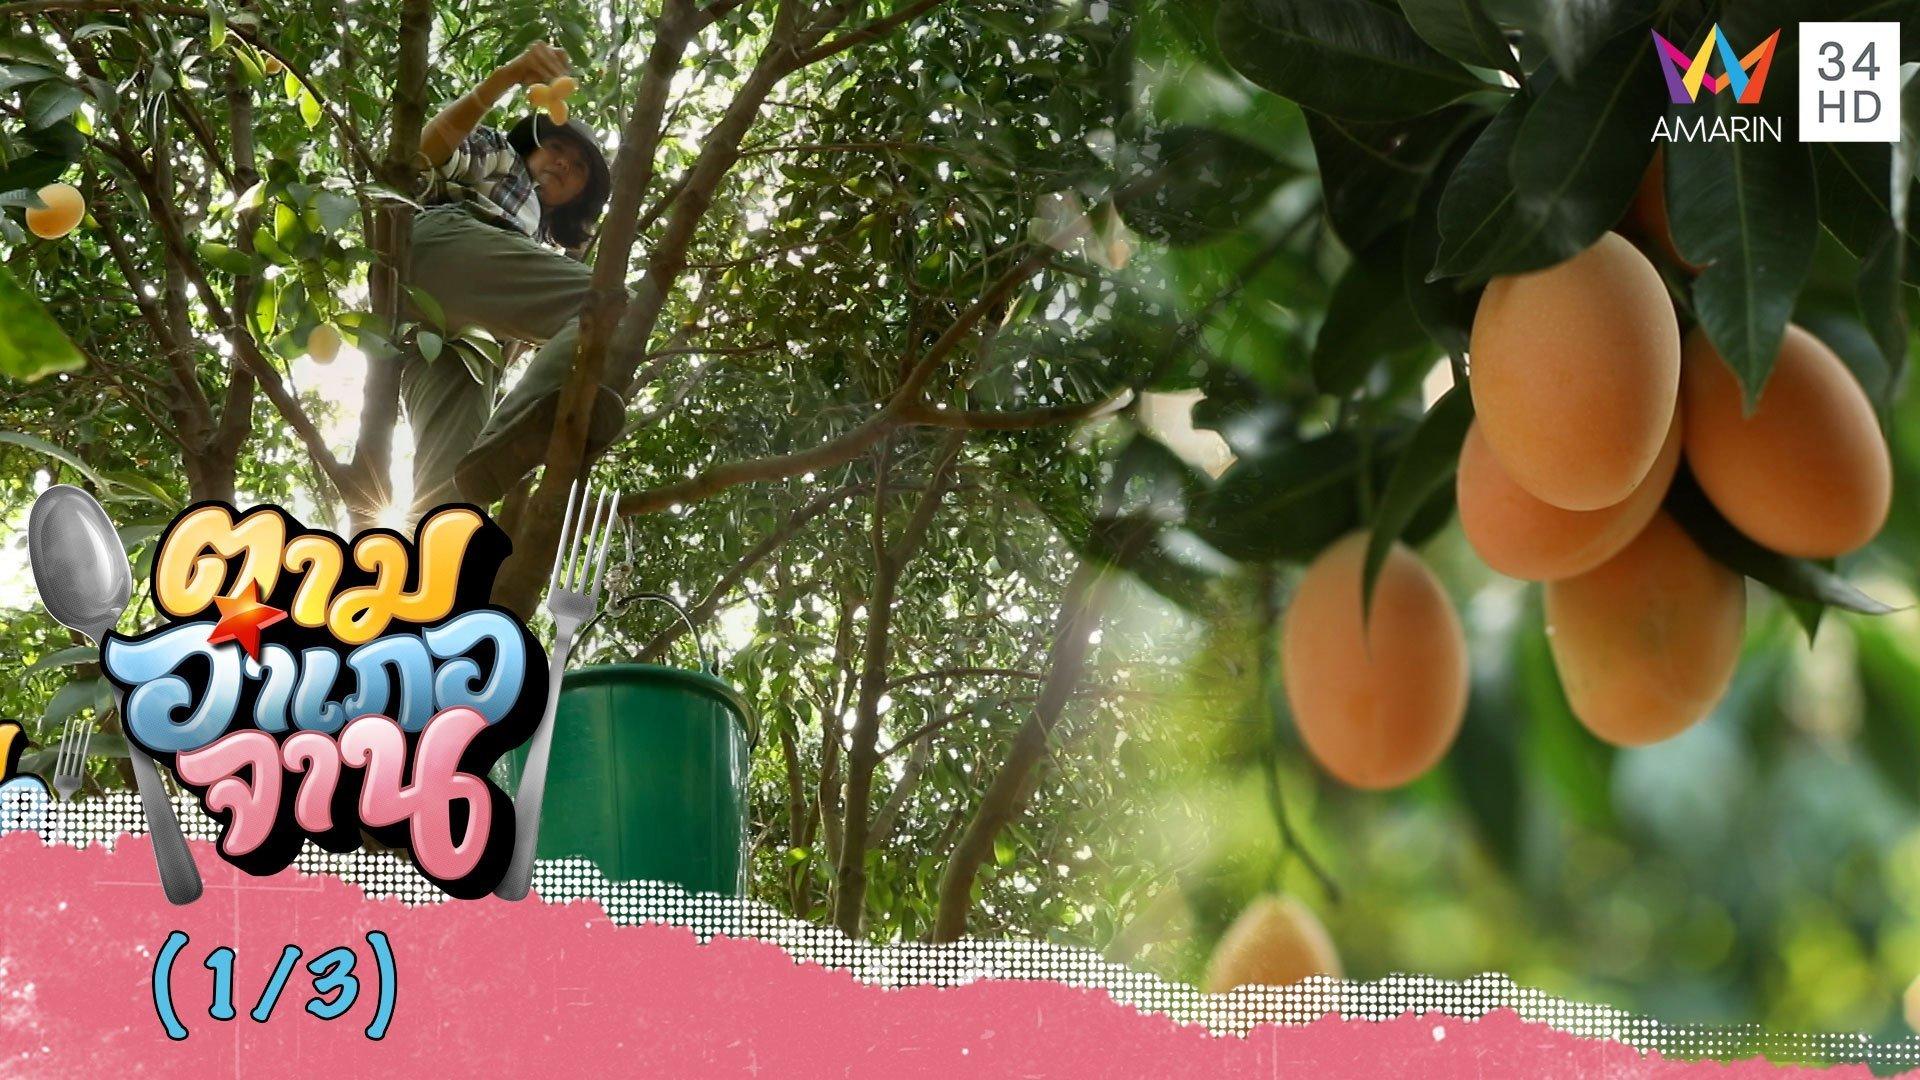 เข้าสวนปีนเก็บ 'มะยงชิด' จ.อุตรดิตถ์   ตามอำเภอจาน   4 เม.ย. 63 (1/3)   AMARIN TVHD34